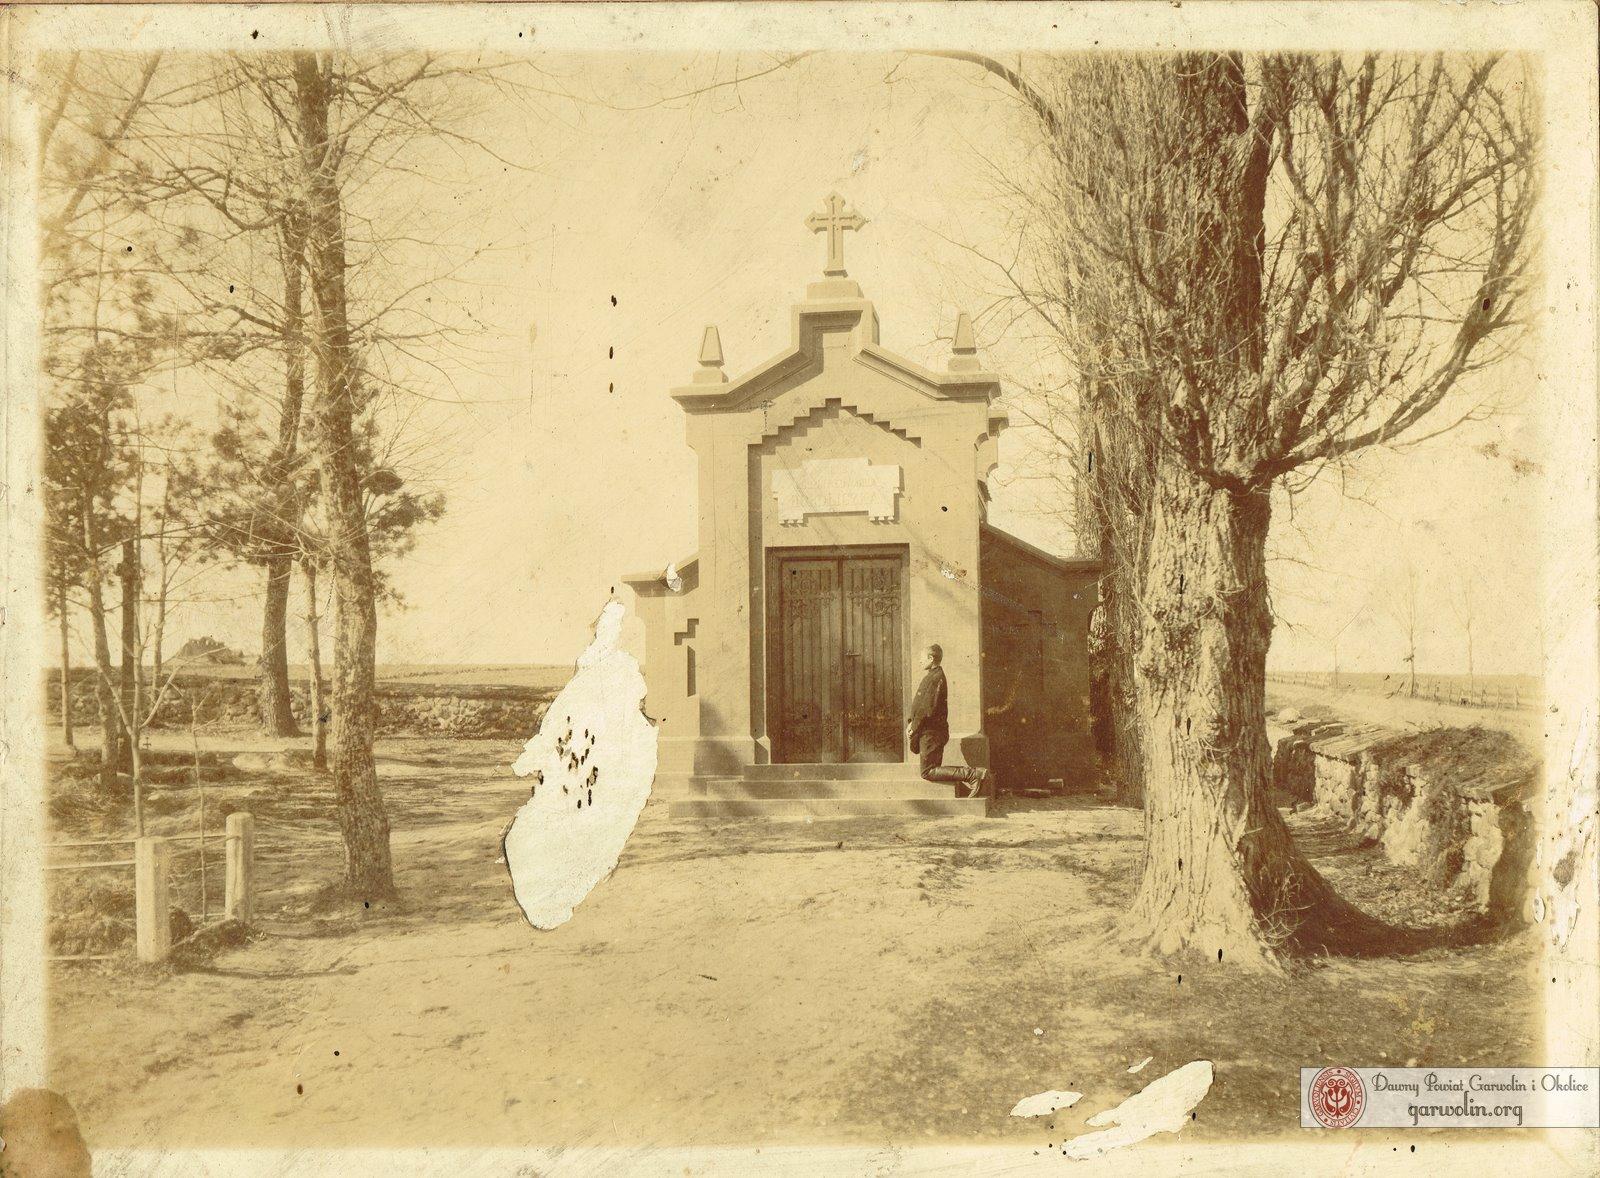 Grób rodziny Hordliczków w Garwolinie